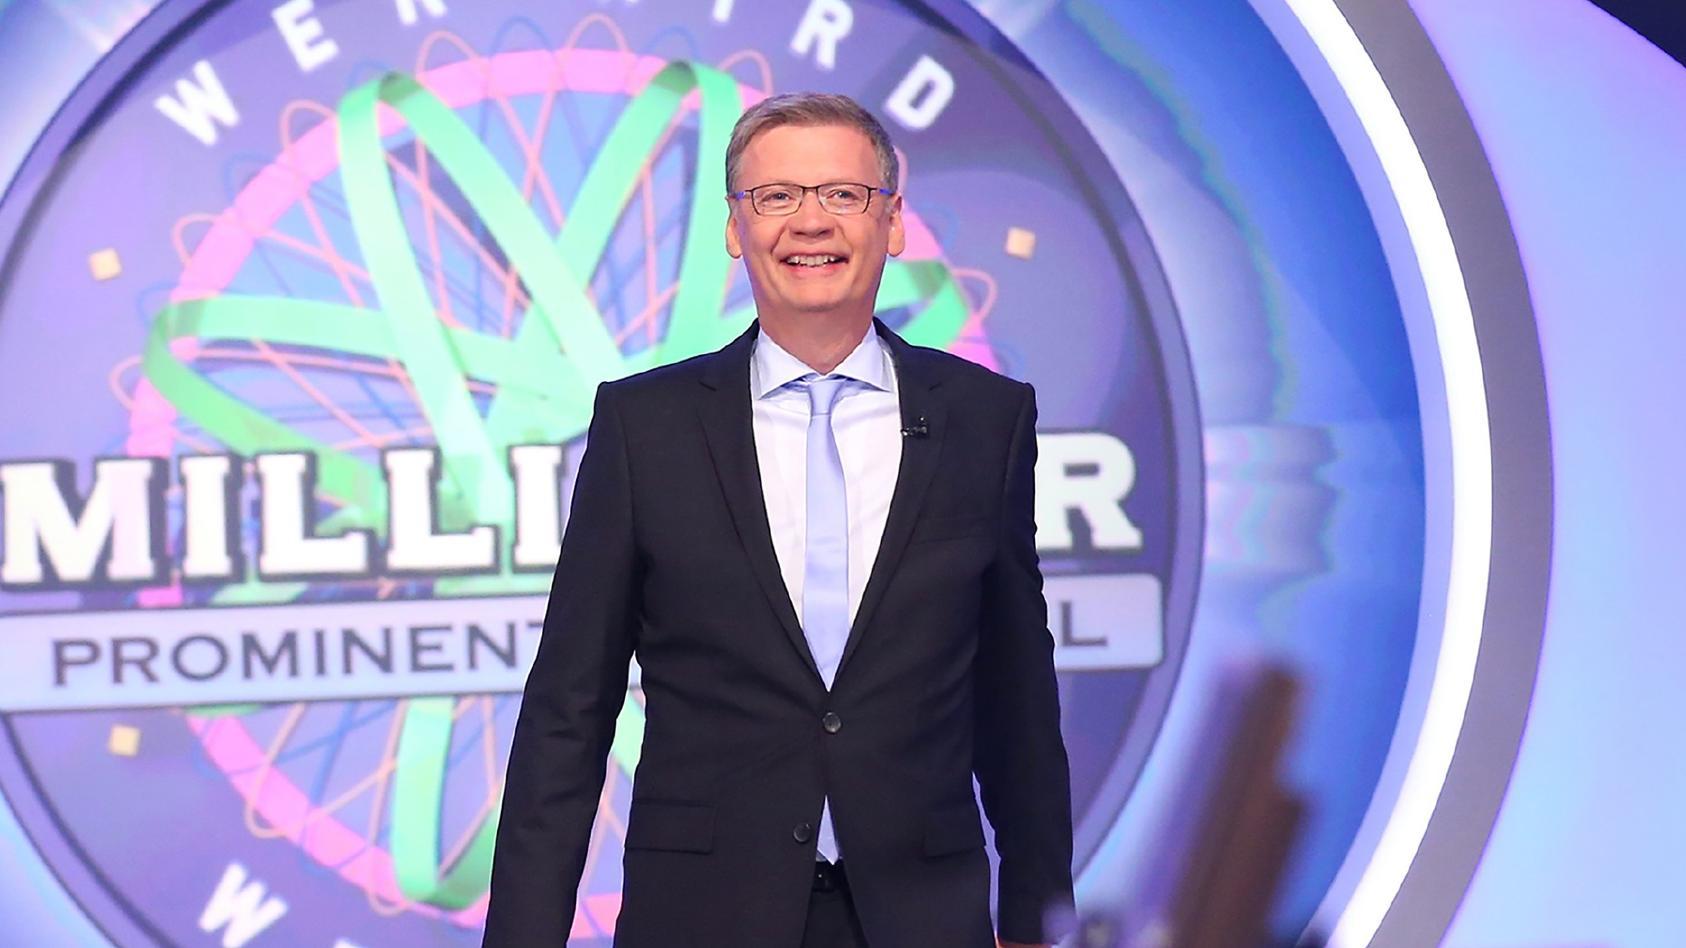 """Setzen Sie sich selbst auf den virtuellen Stuhl gegenüber von Moderator Günther Jauch - mit unseren """"Wer wird Millionär?""""-Spielen auf RTLspiele.de."""